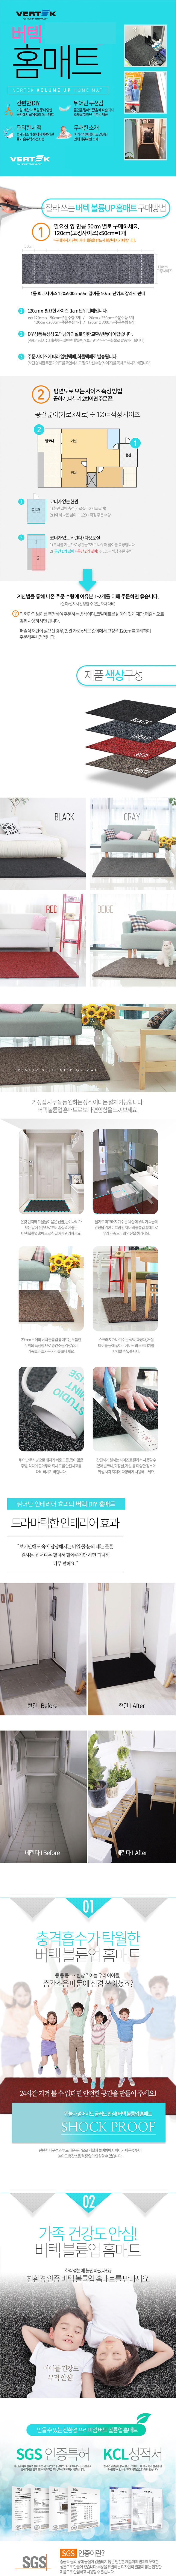 버텍 DIY 홈매트 현관매트 120x50cm 단위 - 인프라텍, 18,900원, 장식/부자재, 바닥장식